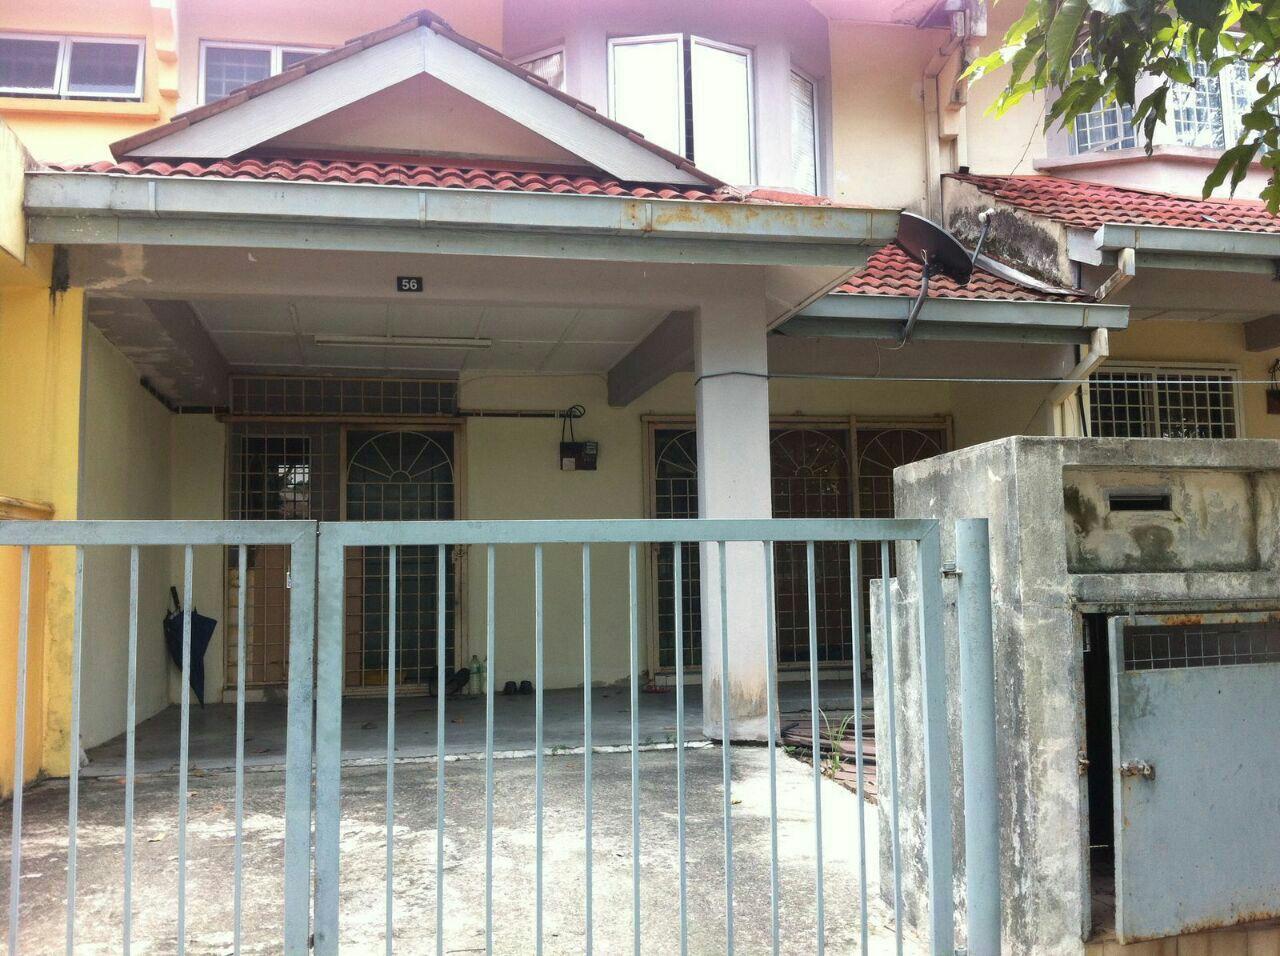 2Sty Terrace LEP 5 Taman Lestari Putra Seri Kembangan For sale!